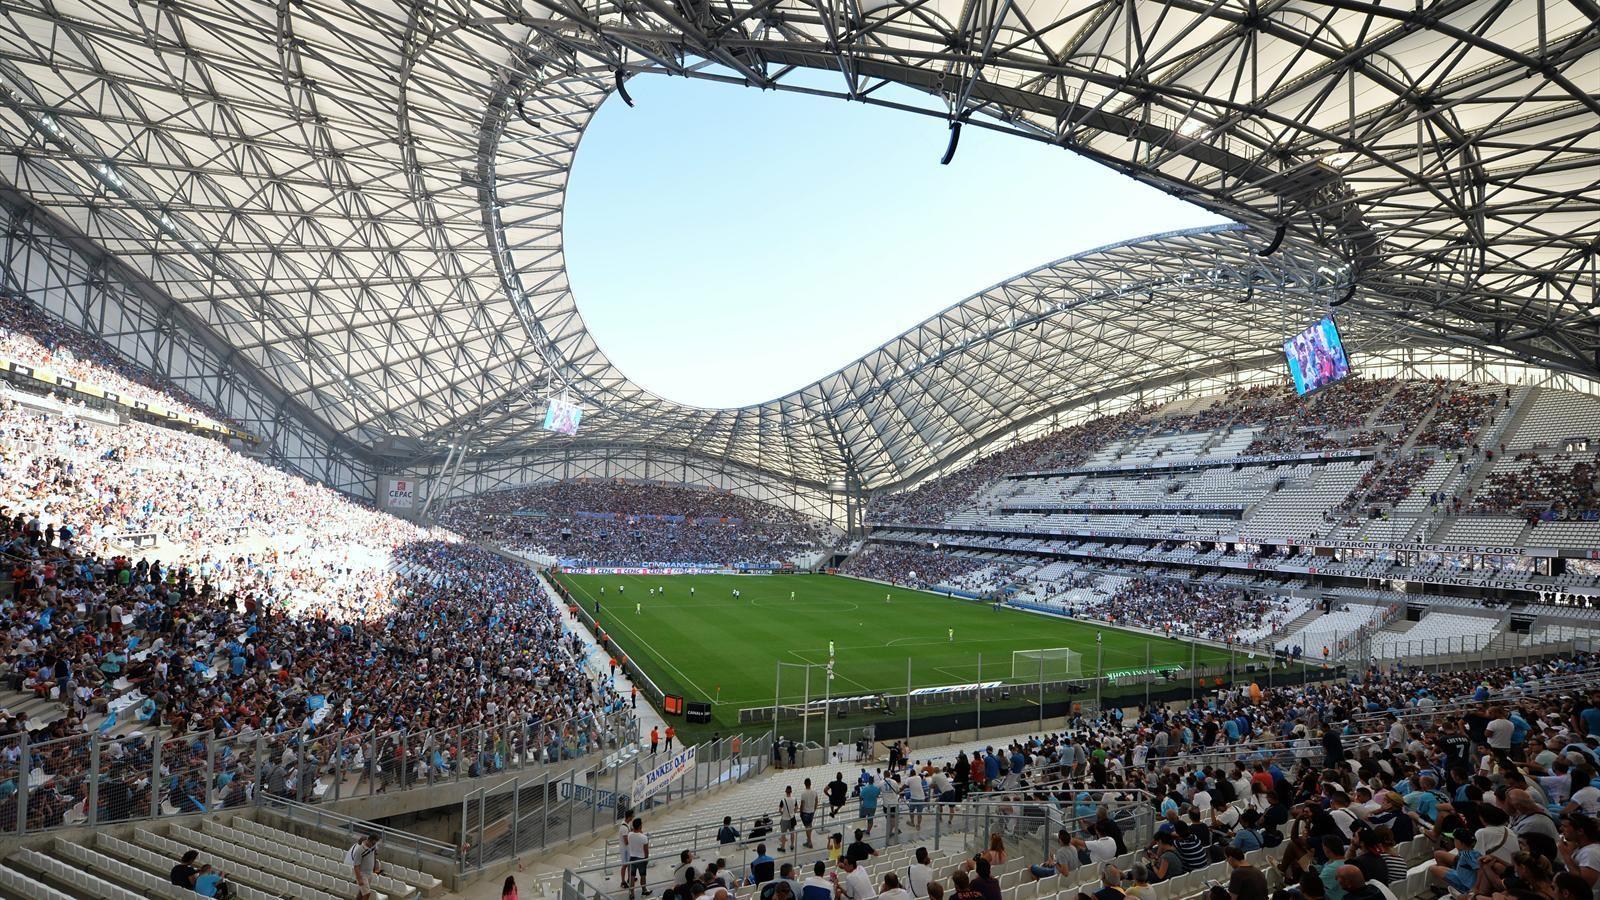 ¿Quién juega en el Stade Vélodrome?